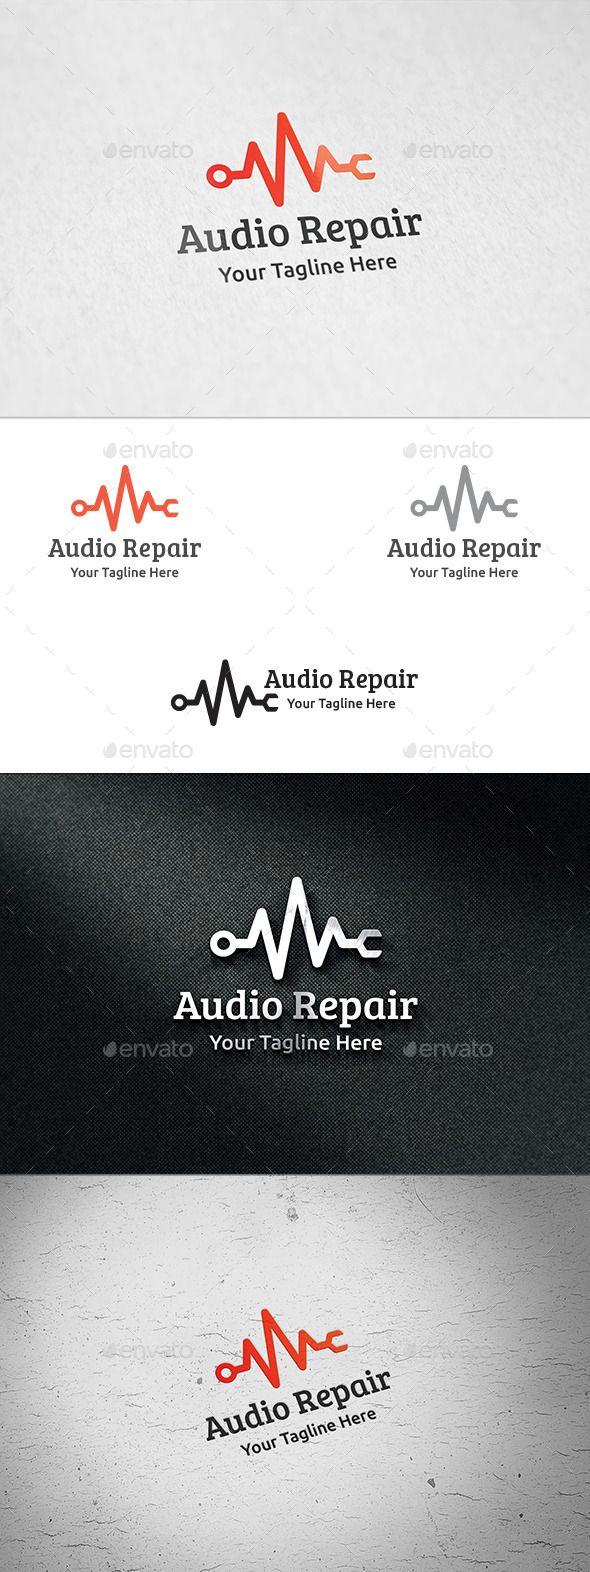 Audio Repair Logo Template u2014 Vector EPS